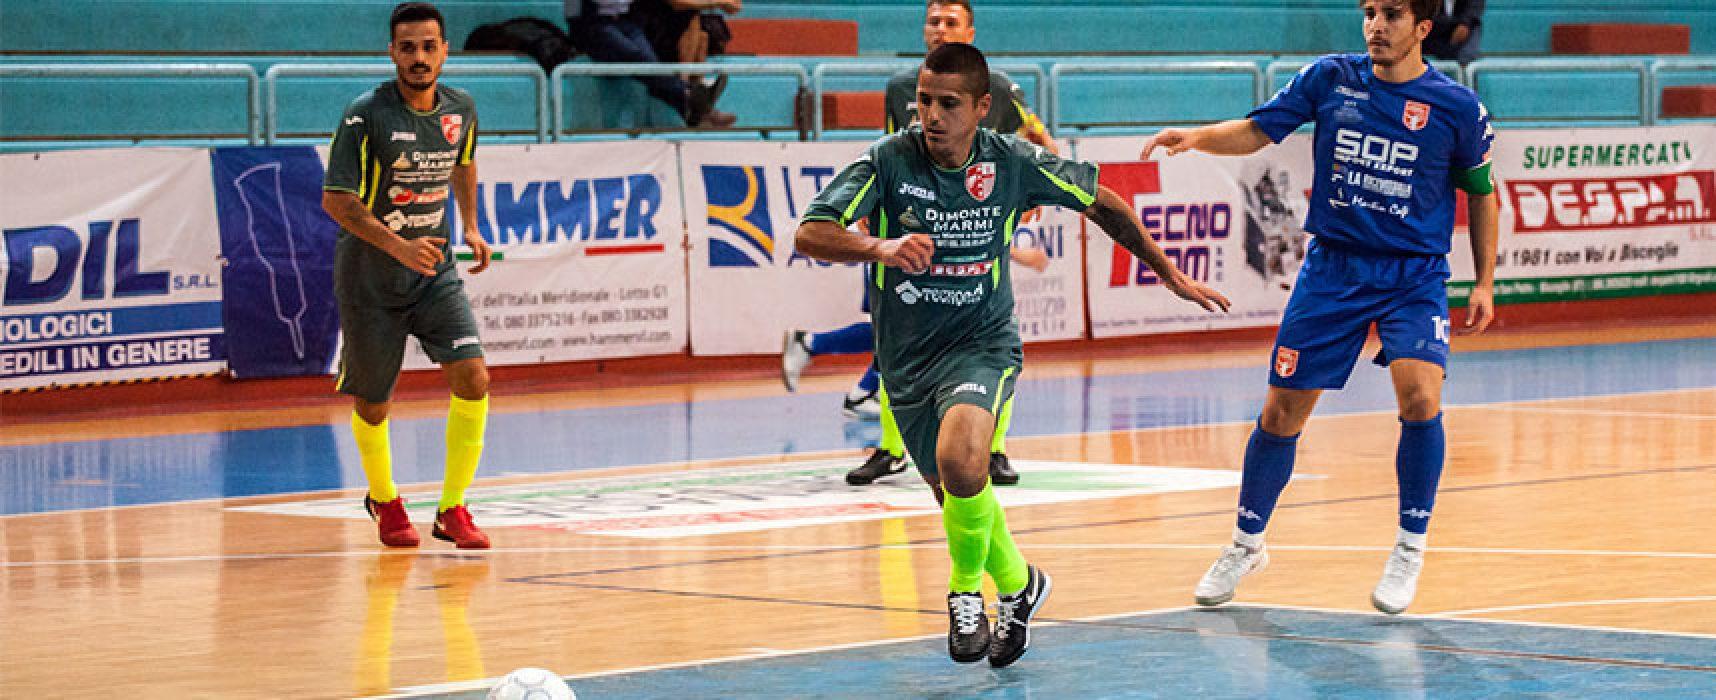 Futsal Bisceglie e Diaz eliminati dalla Coppa della Divisione